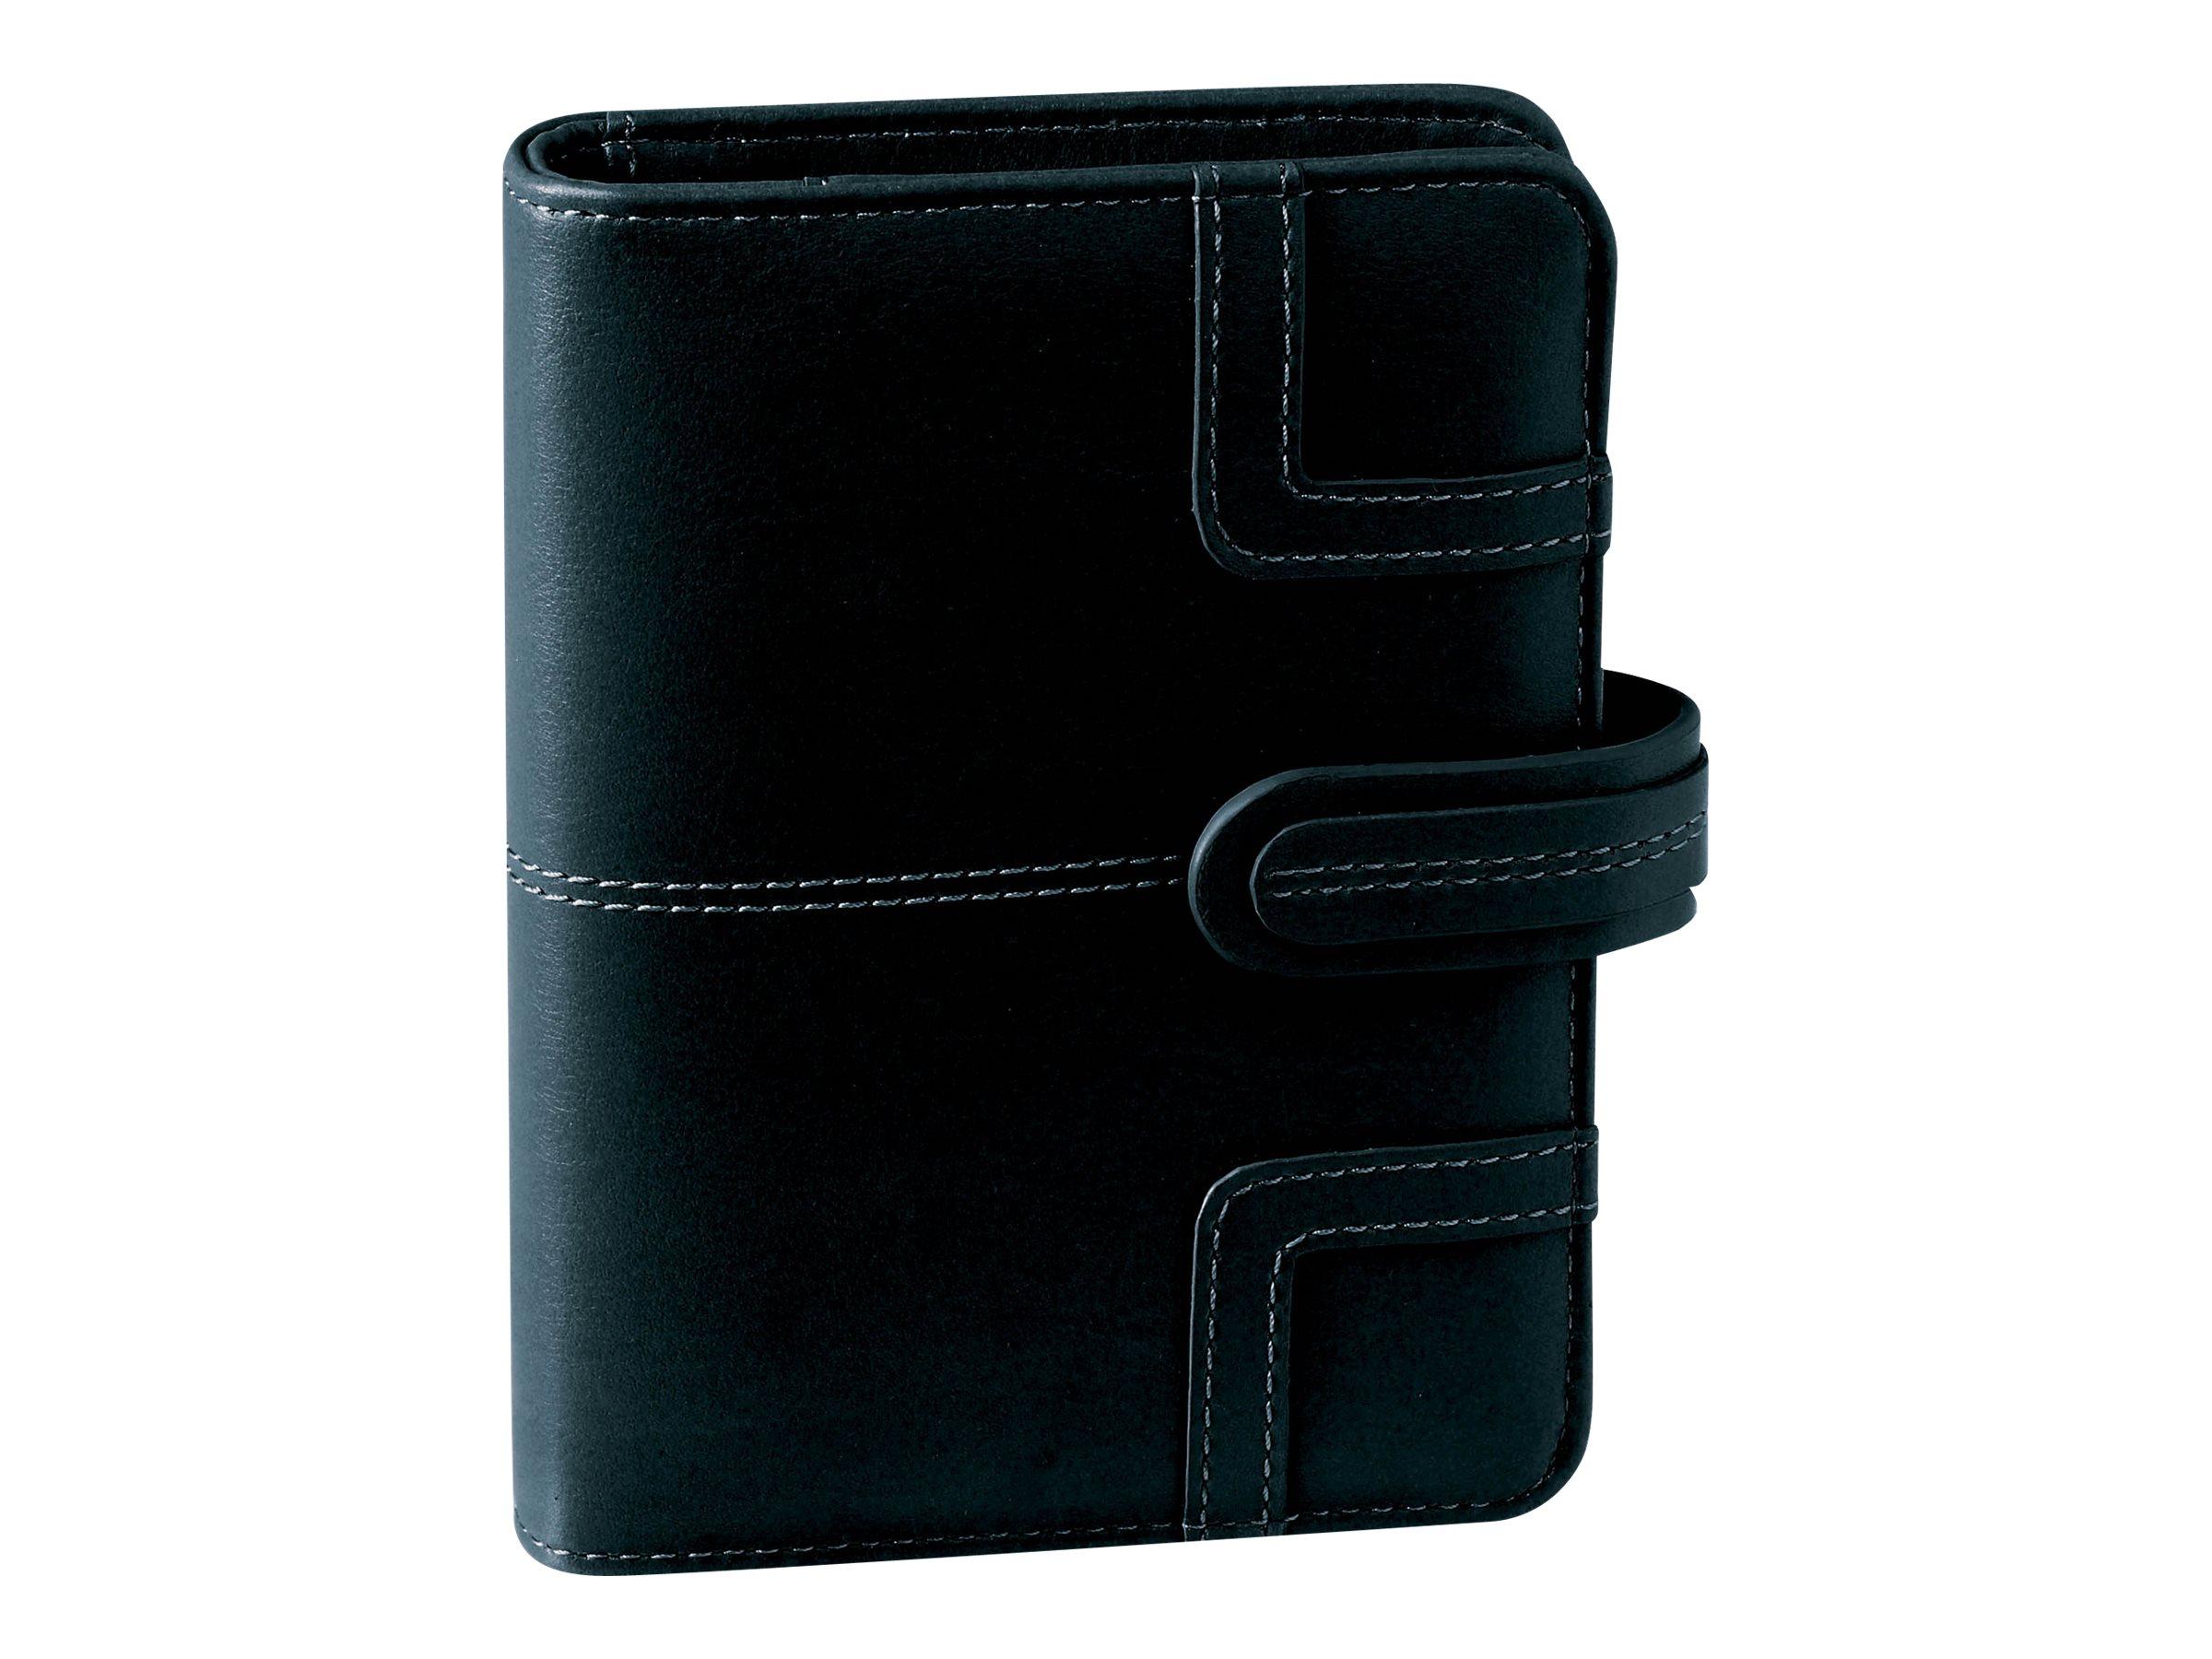 porte agenda en cuir epsom noir hermes birkin price. Black Bedroom Furniture Sets. Home Design Ideas